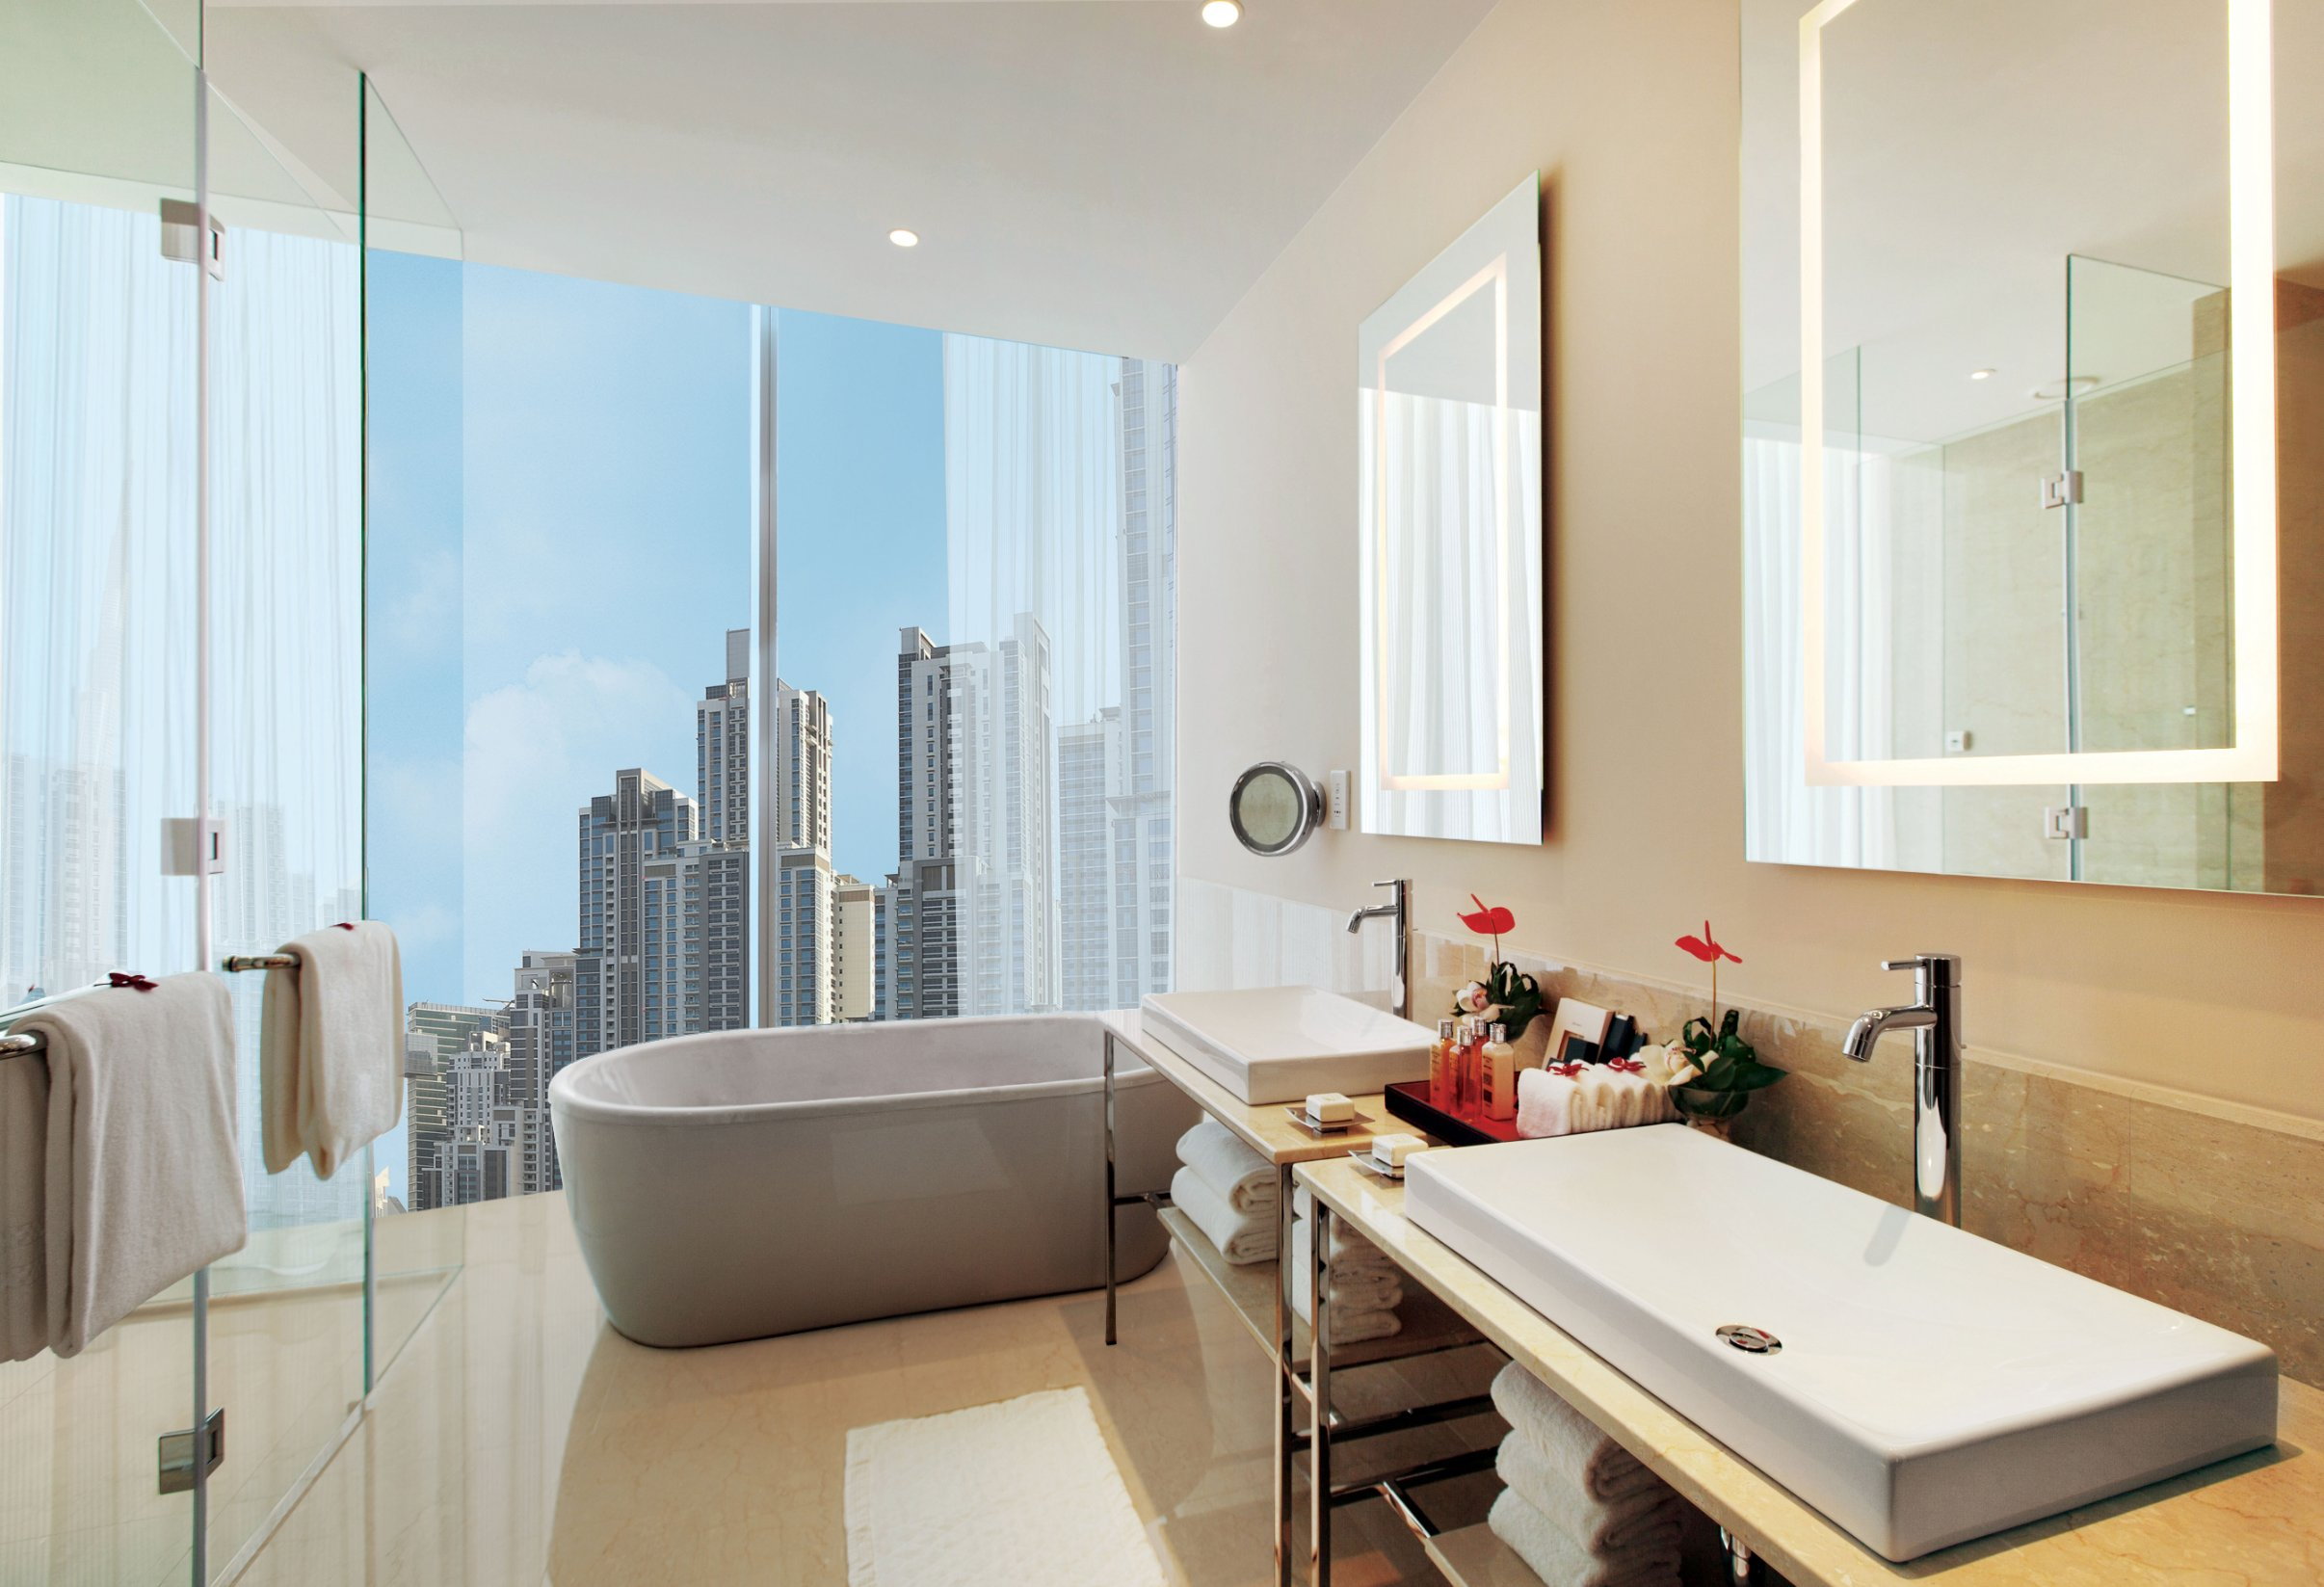 World S Splashiest Hotel Bathrooms Cnn Travel